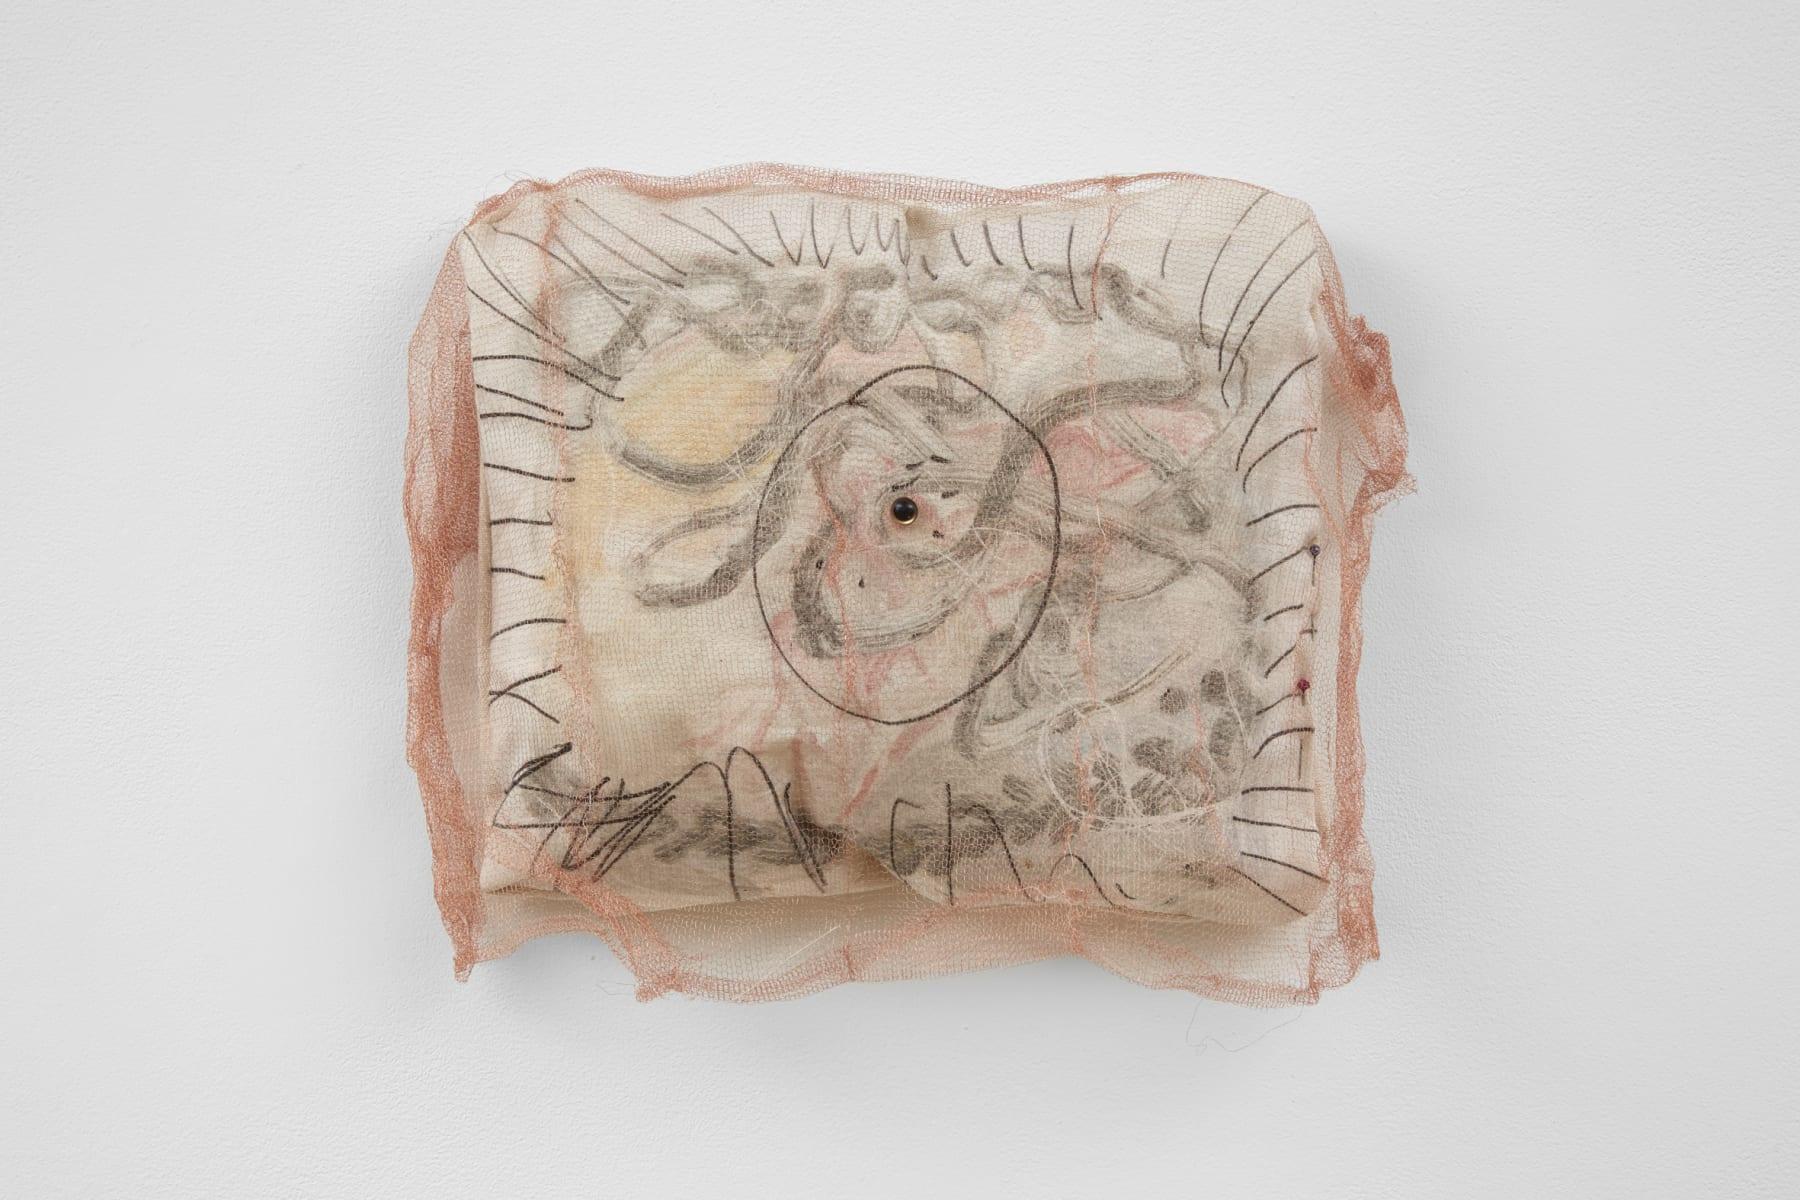 Aimée Parrott, Untitled 1, 2018